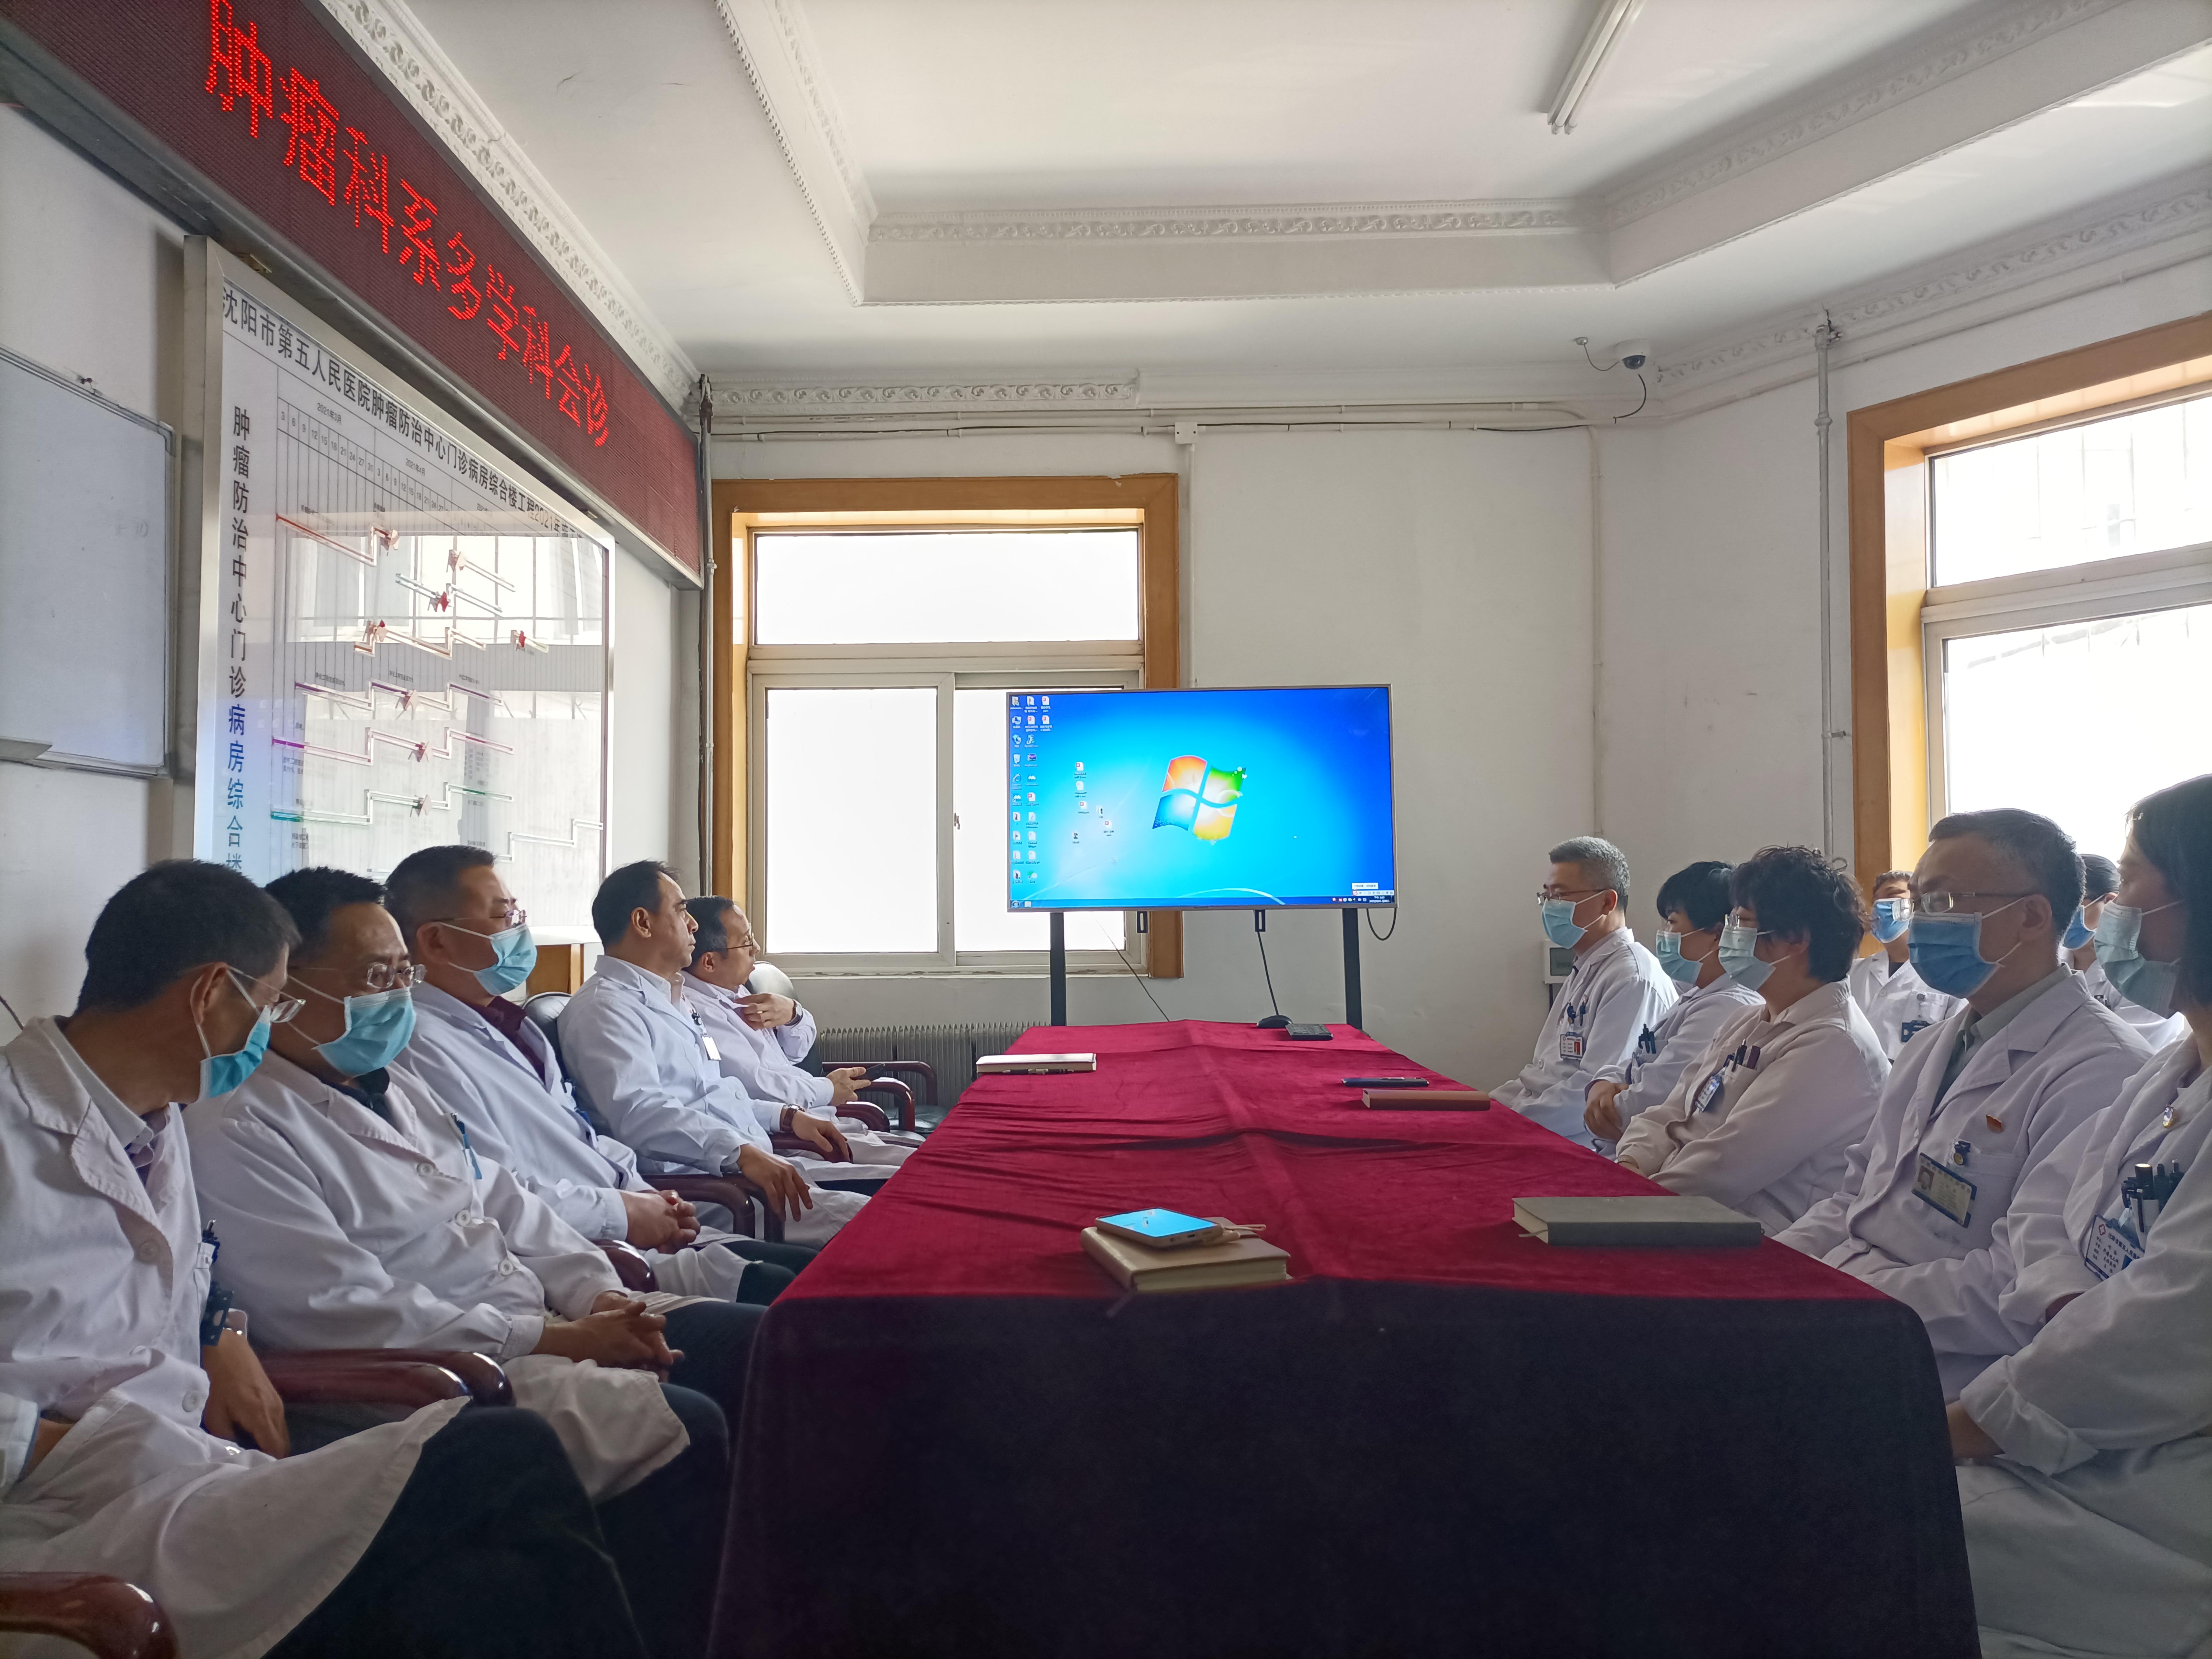 沈阳市第五人民医院肿瘤以最强阵容,为患者量身打造最优治疗方案